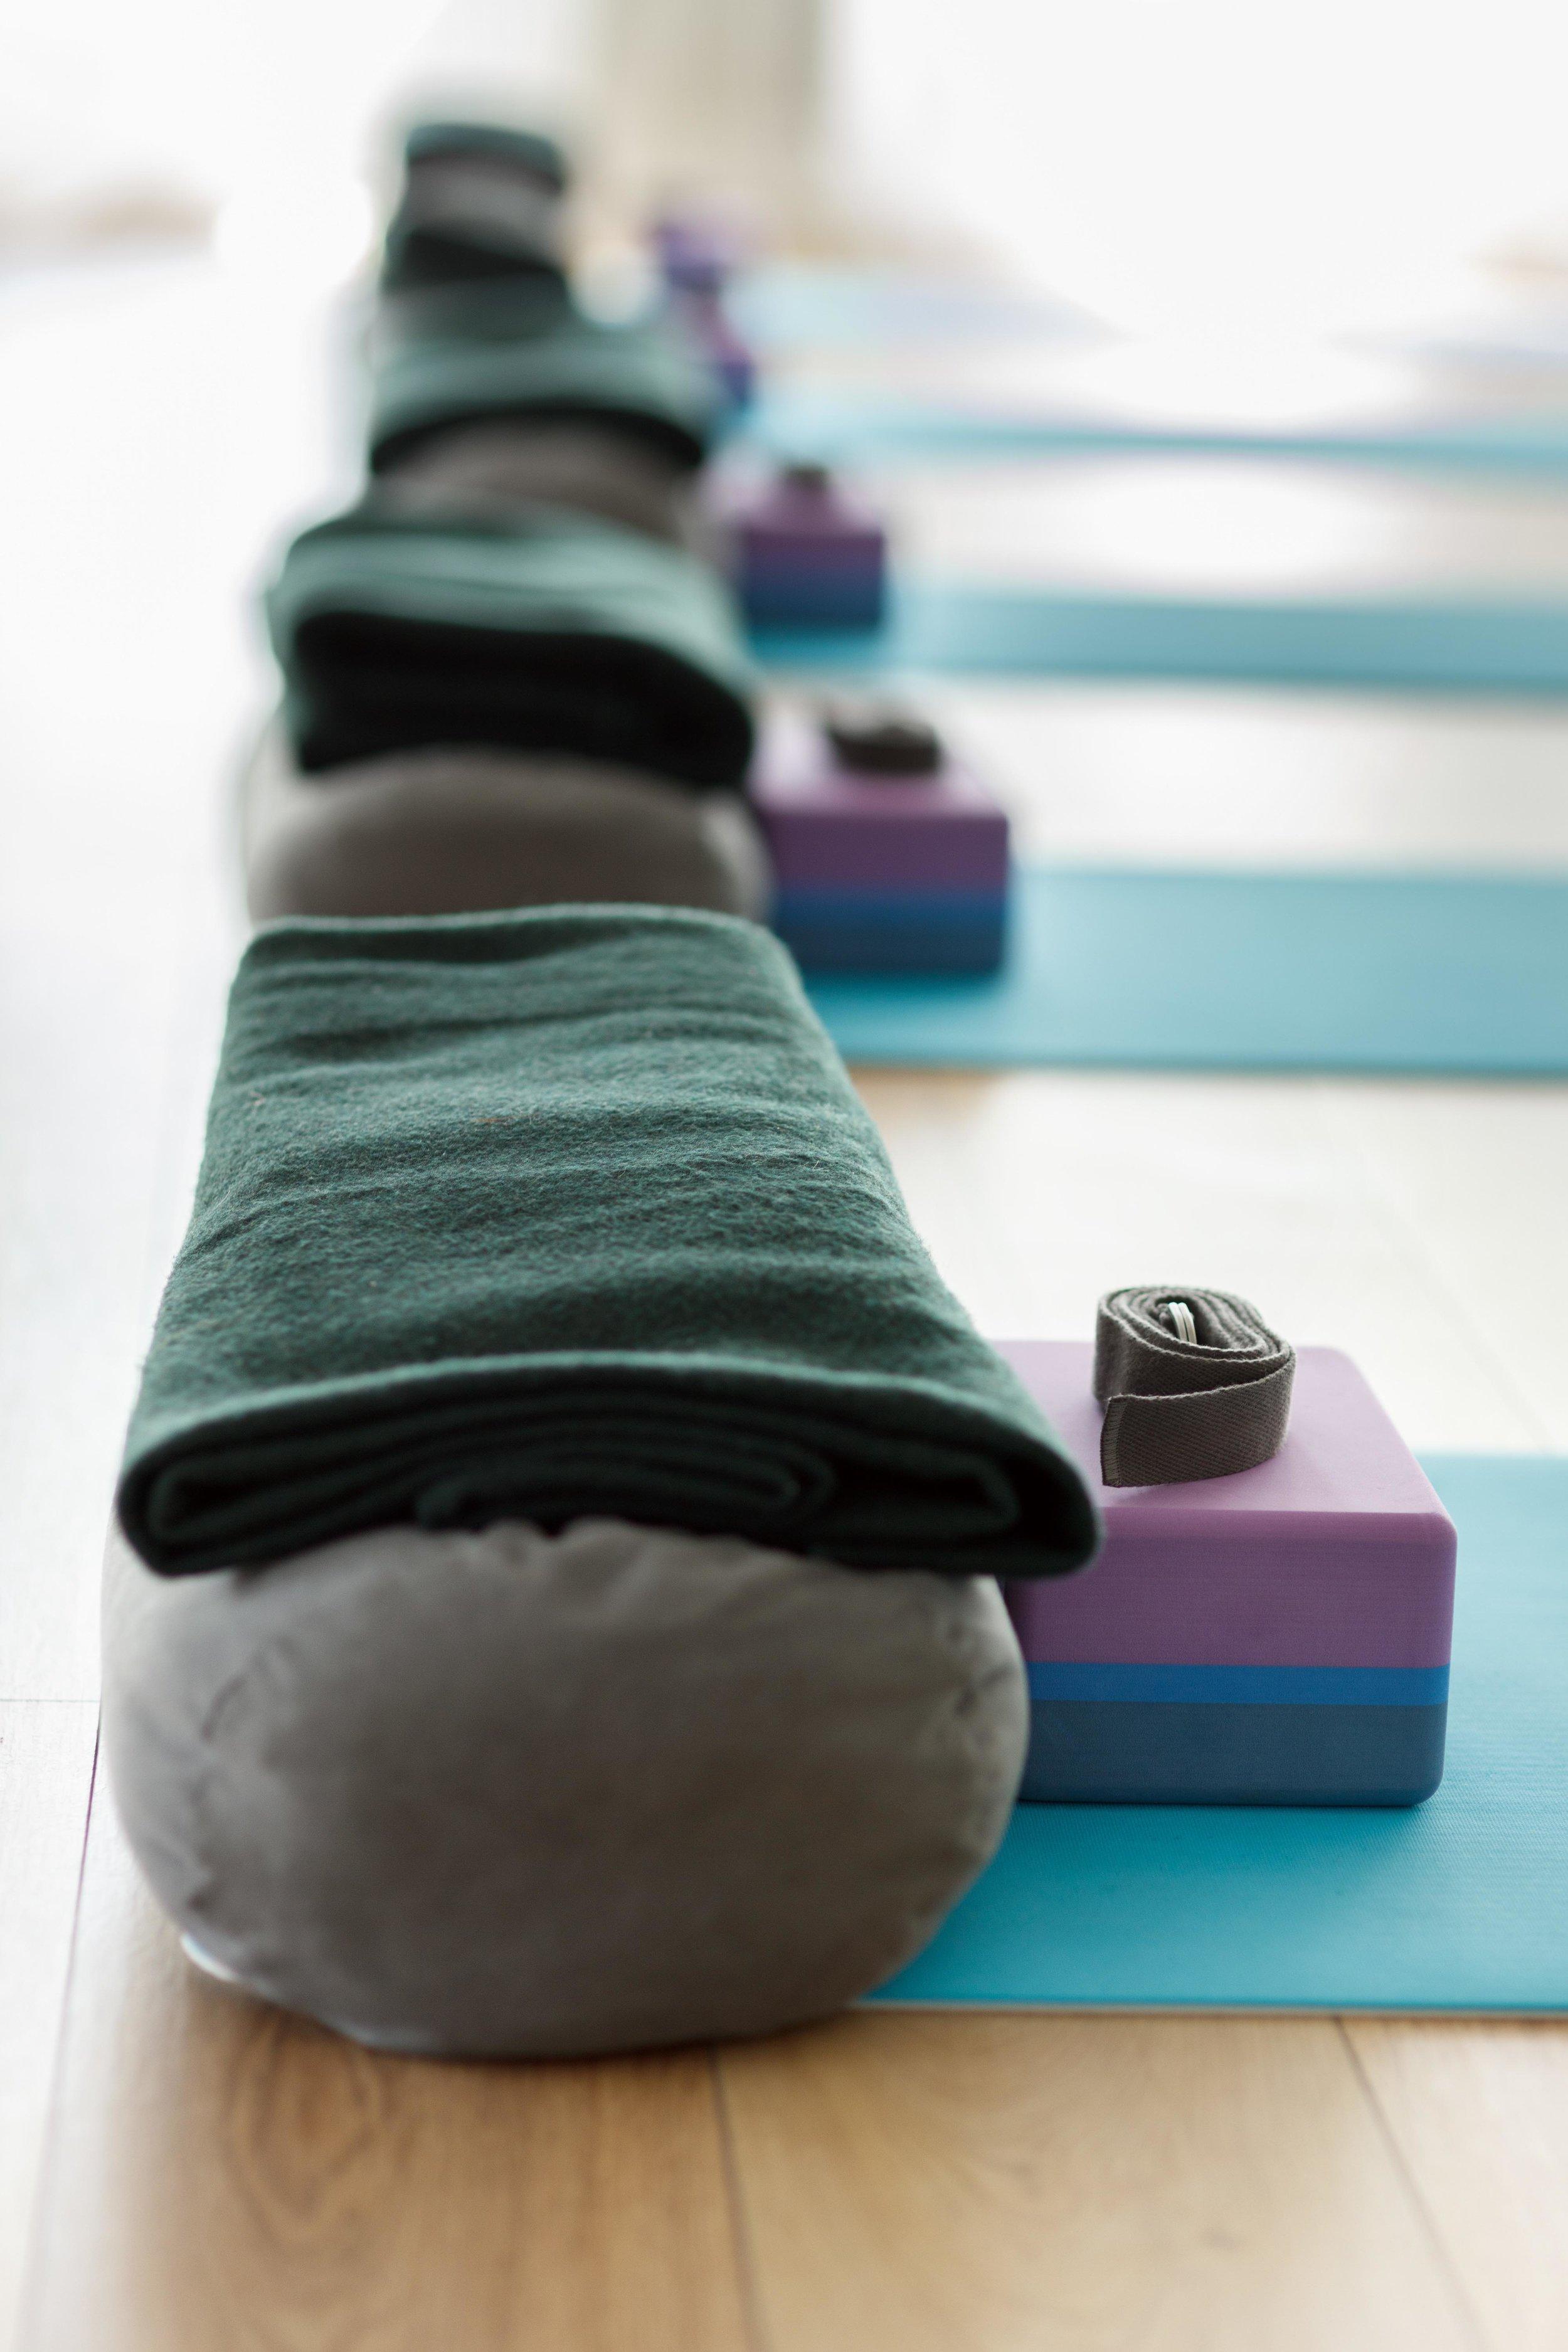 Yogaequipmentinaclass.jpg